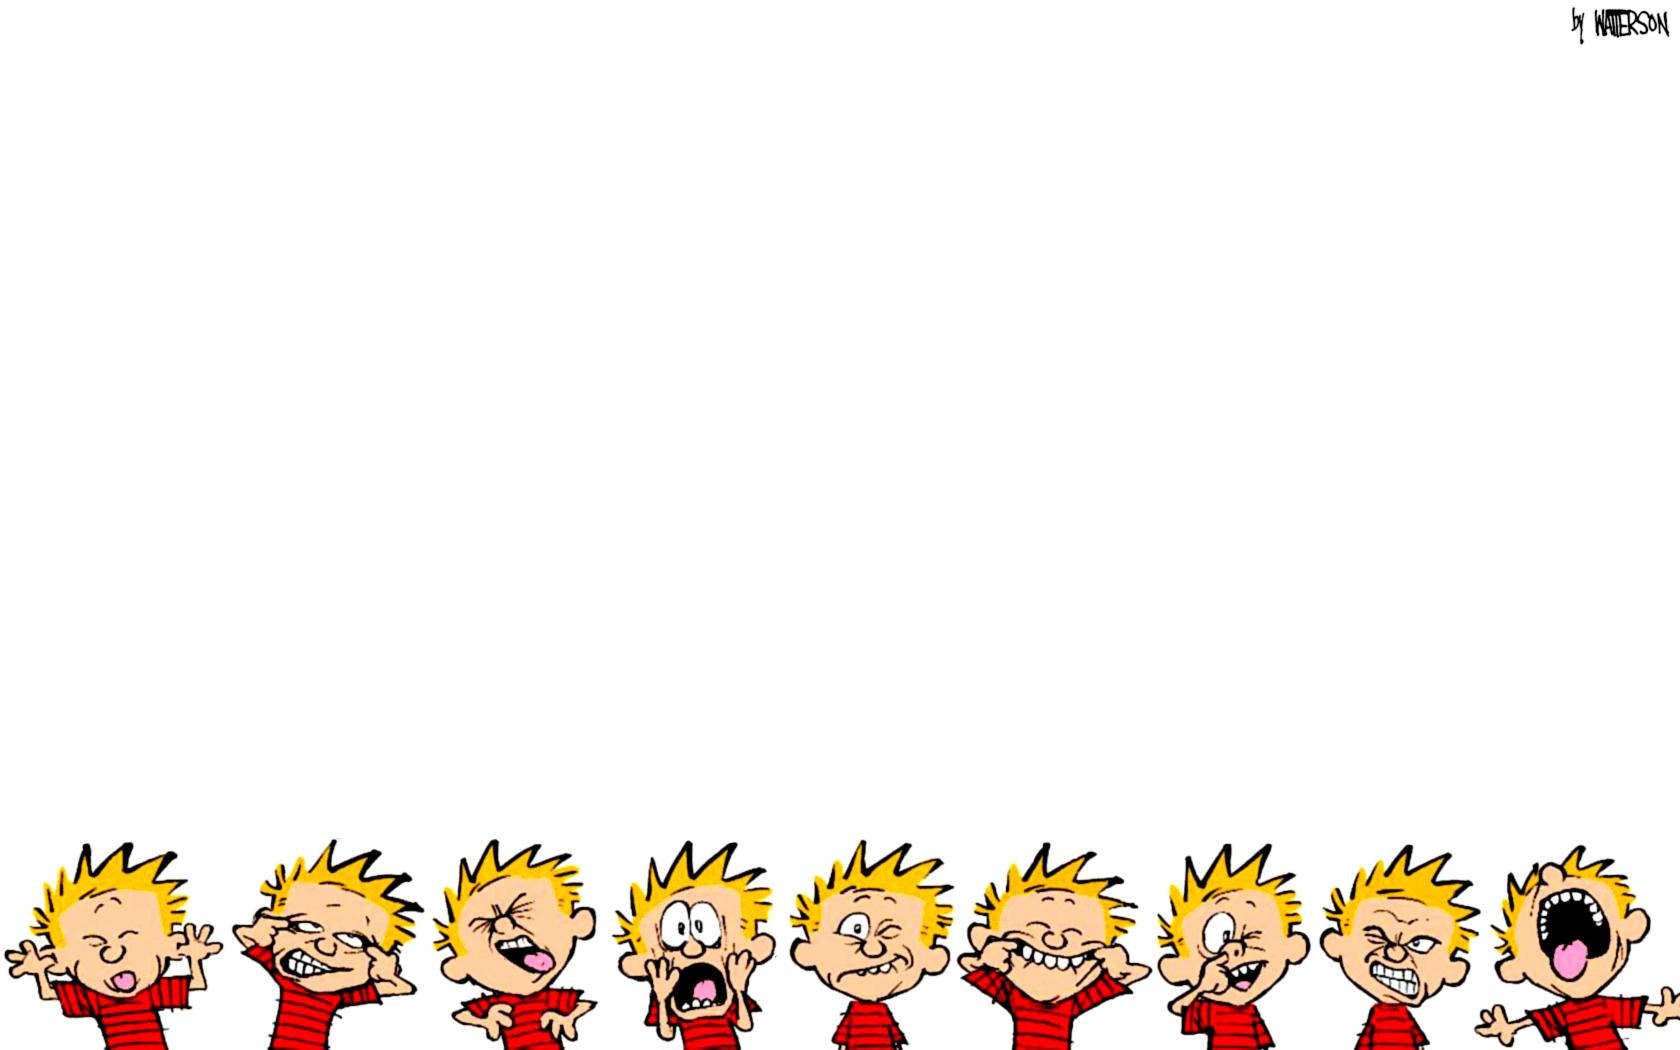 1680x1050px Calvin Hobbes Wallpaper 1680x1050